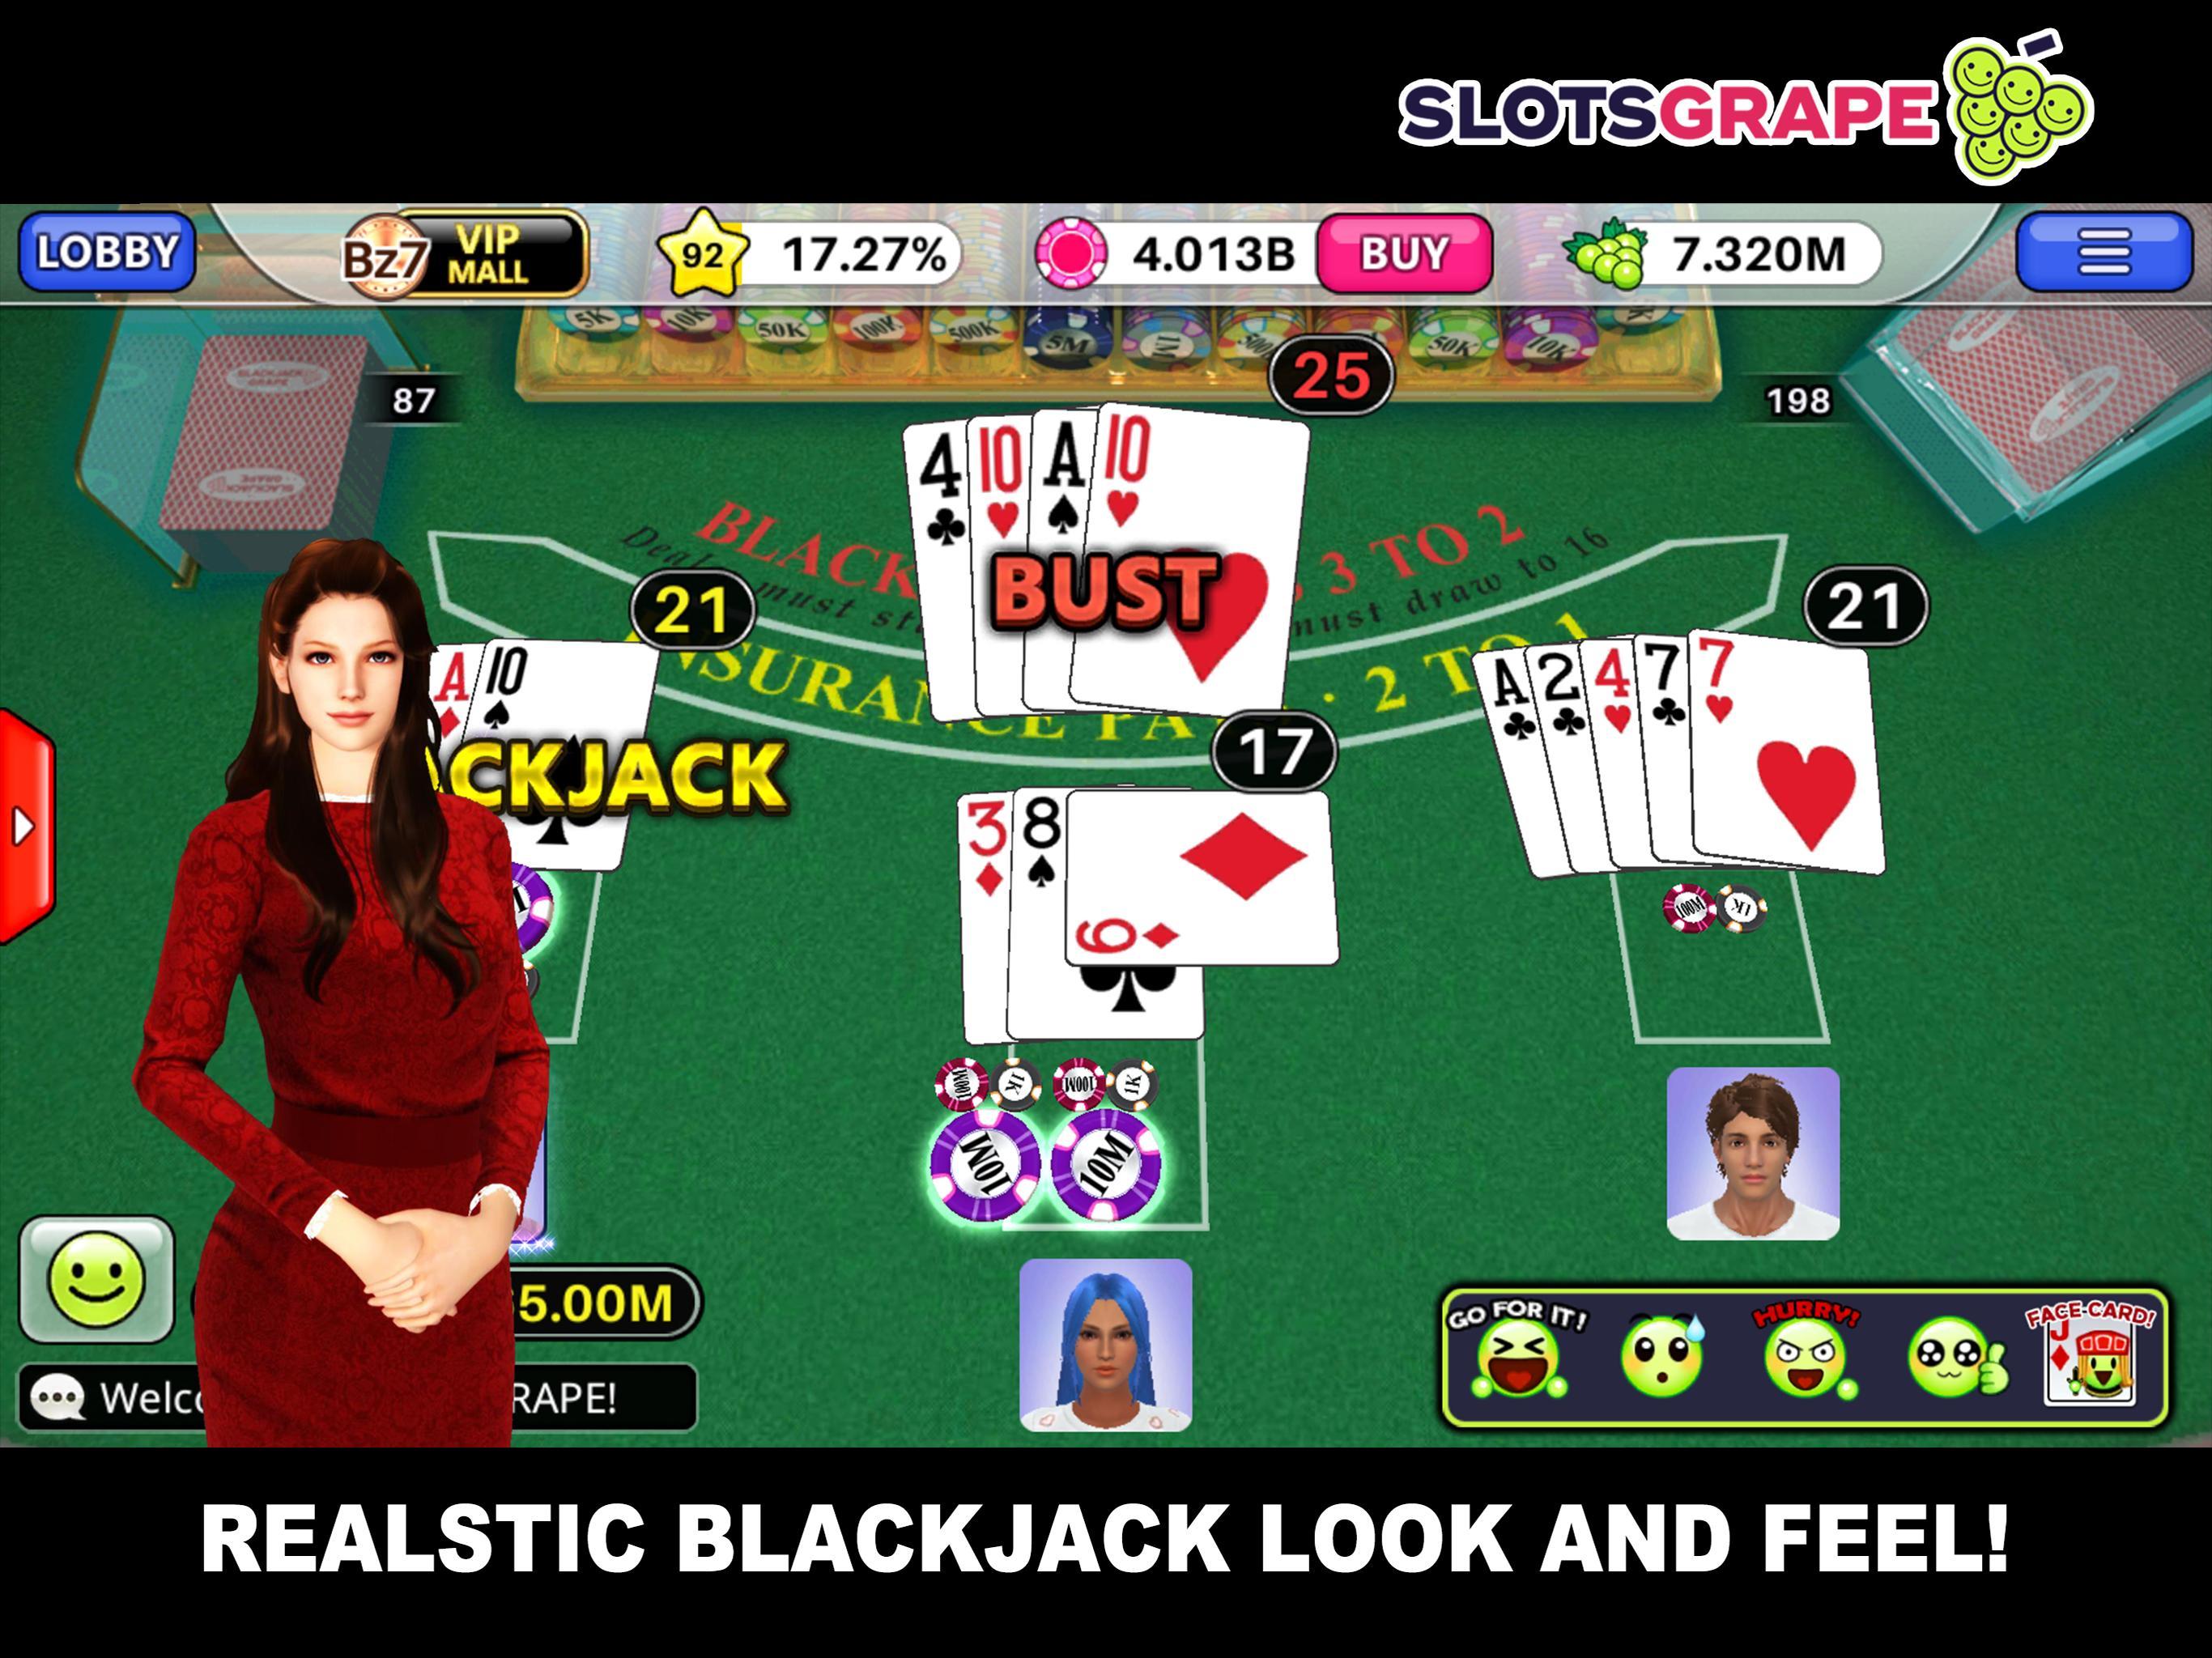 SLOTS GRAPE Free Slots and Table Games 1.0.78 Screenshot 12